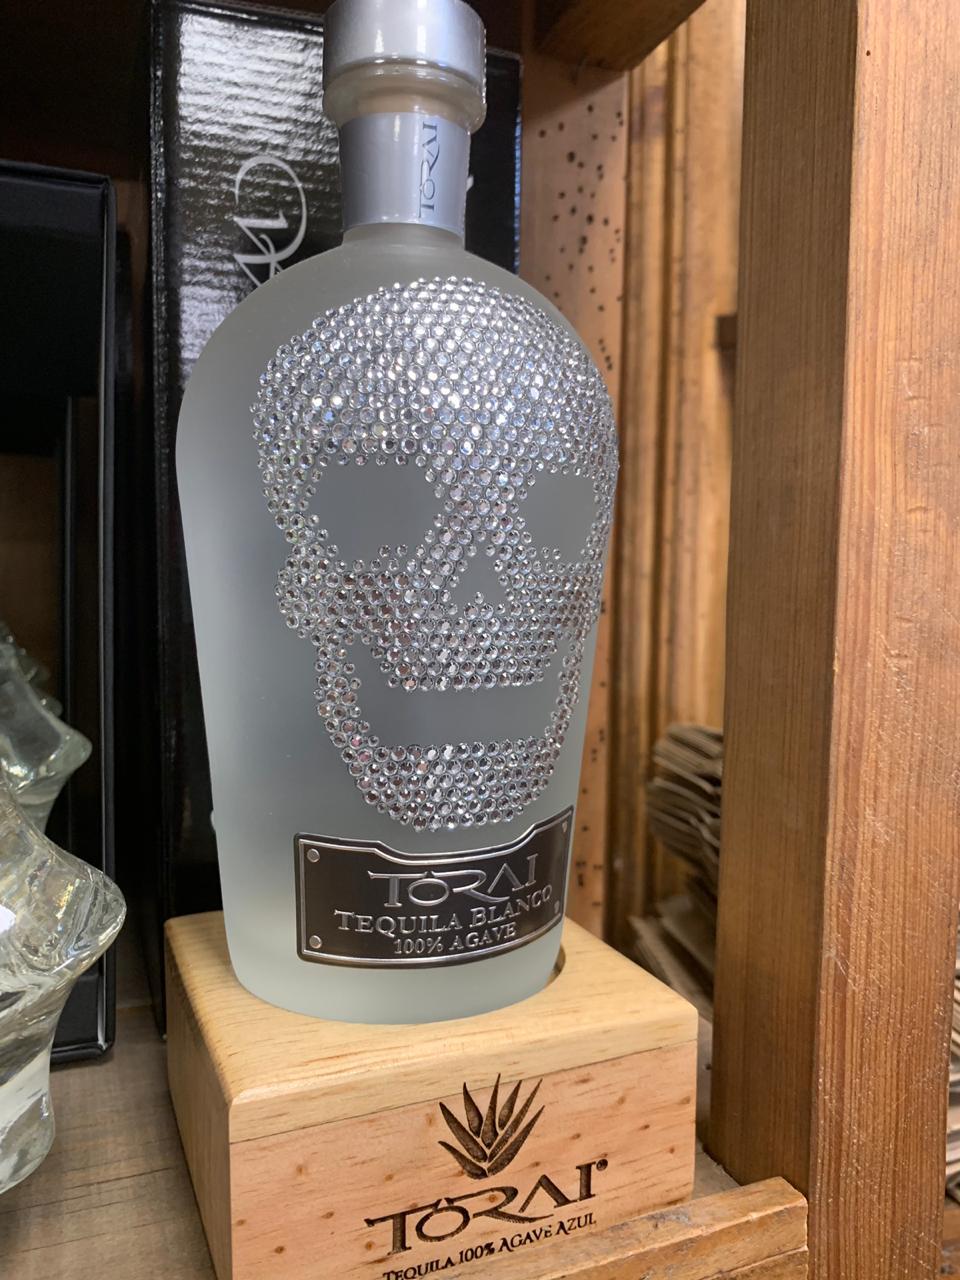 El tequila puede ser joven, blanco, reposado, añejo y extra añejo (Foto: Cortesía de Nuestros Dulces)